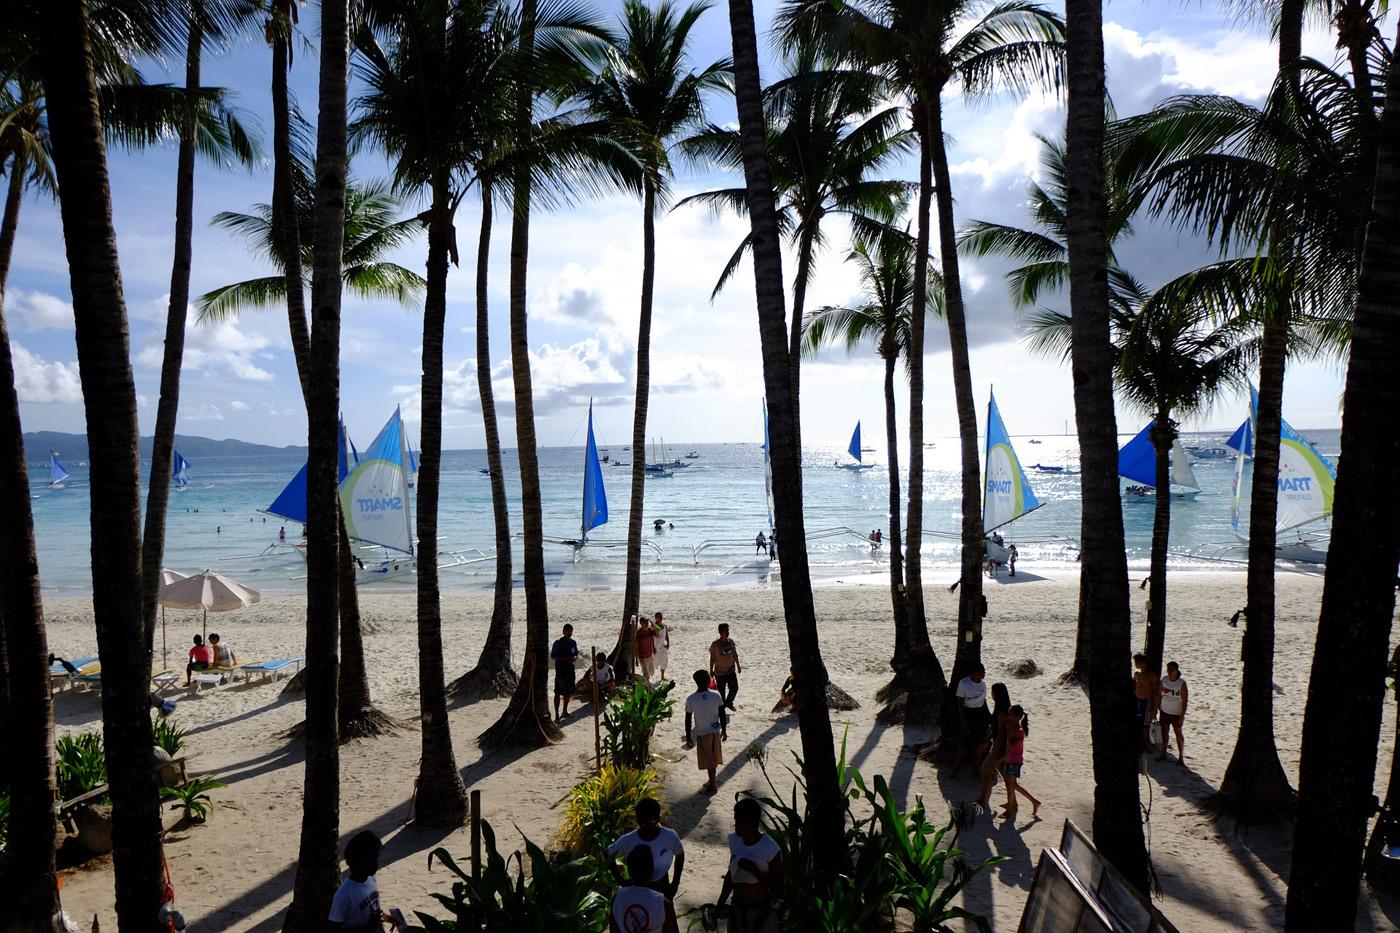 Med sitt varme klima er Boracay et opplagt valg over vinteren.